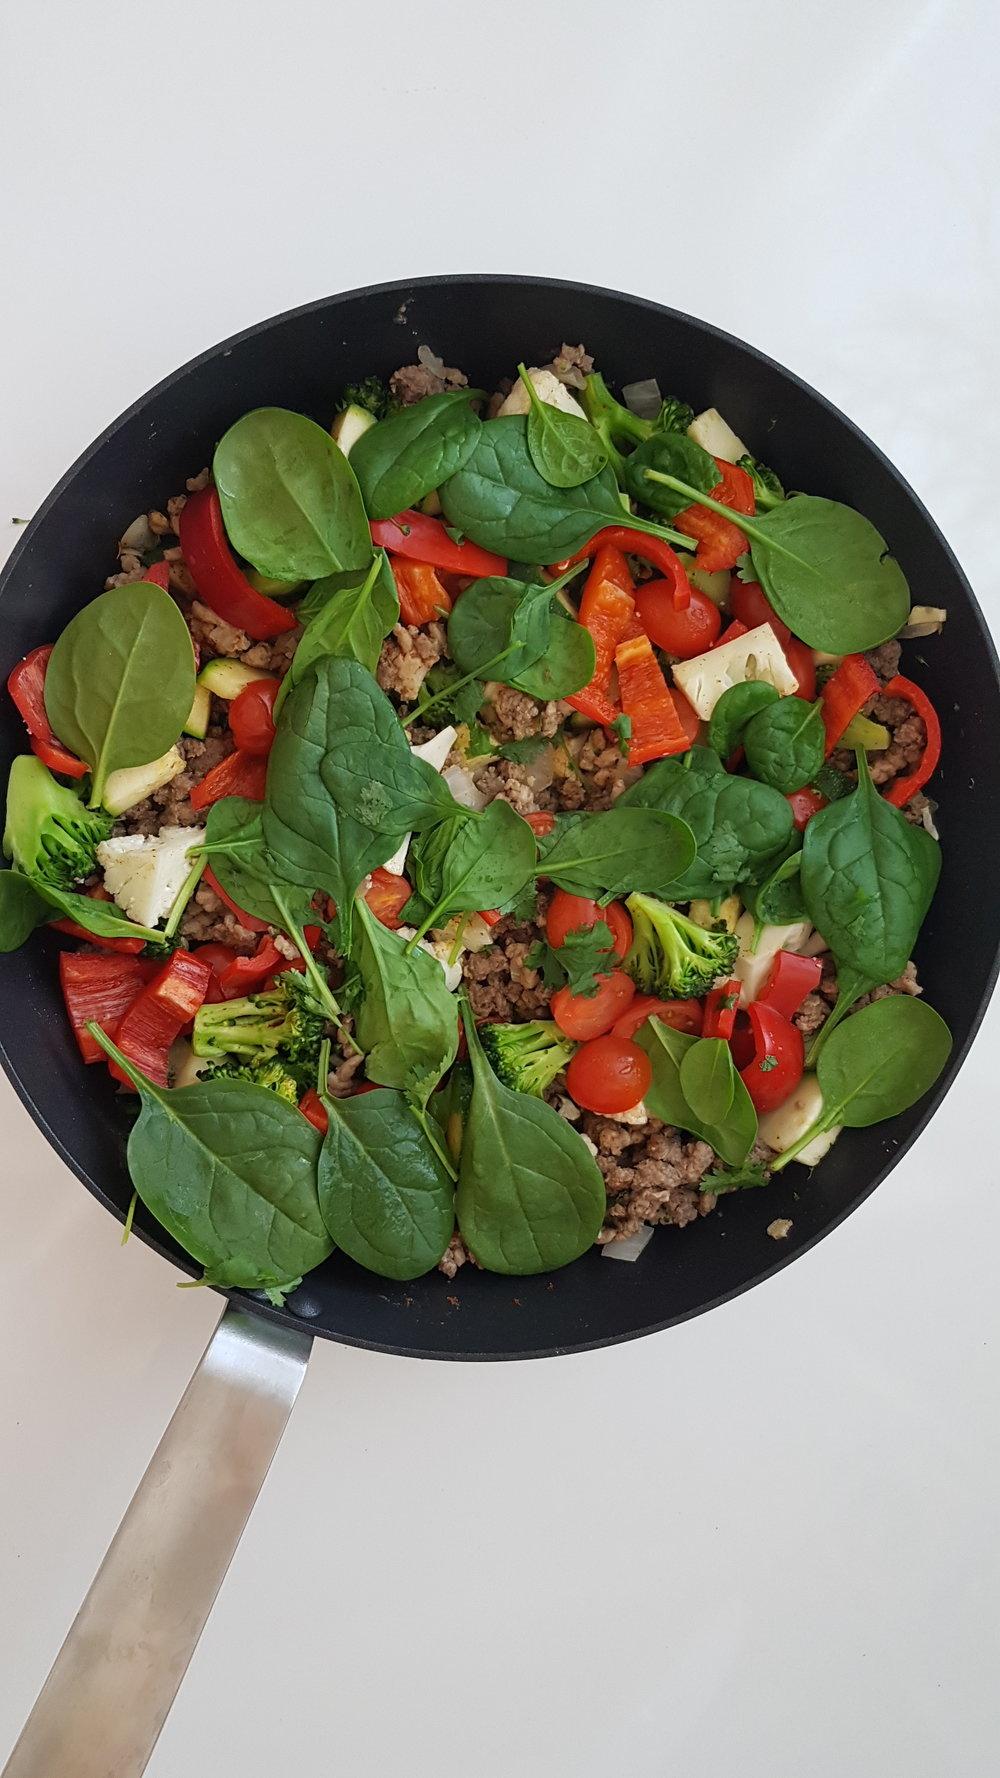 Käytän ruuissa paljon tuoreita kasviksia ja mausteita, saa hyvää vaihtelua ja on super maistuvaa!